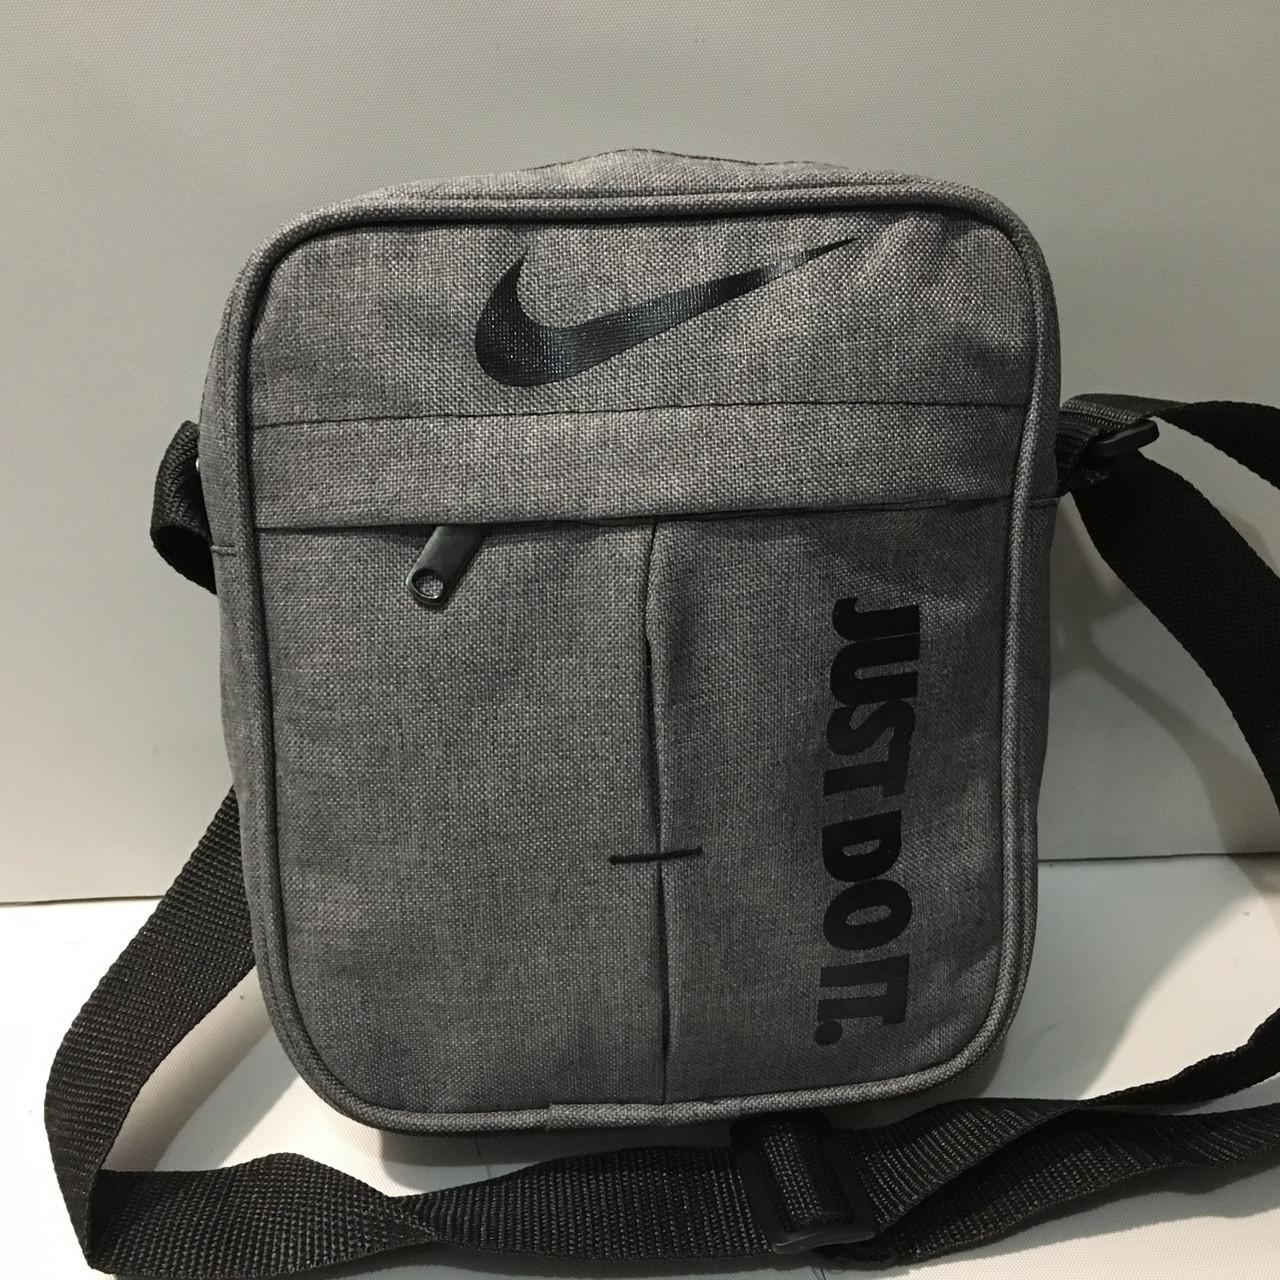 a21bec355a3d Высококачественная мужская сумка через плече. Удобная, практичная сумка. Мужская  сумка Nike (7